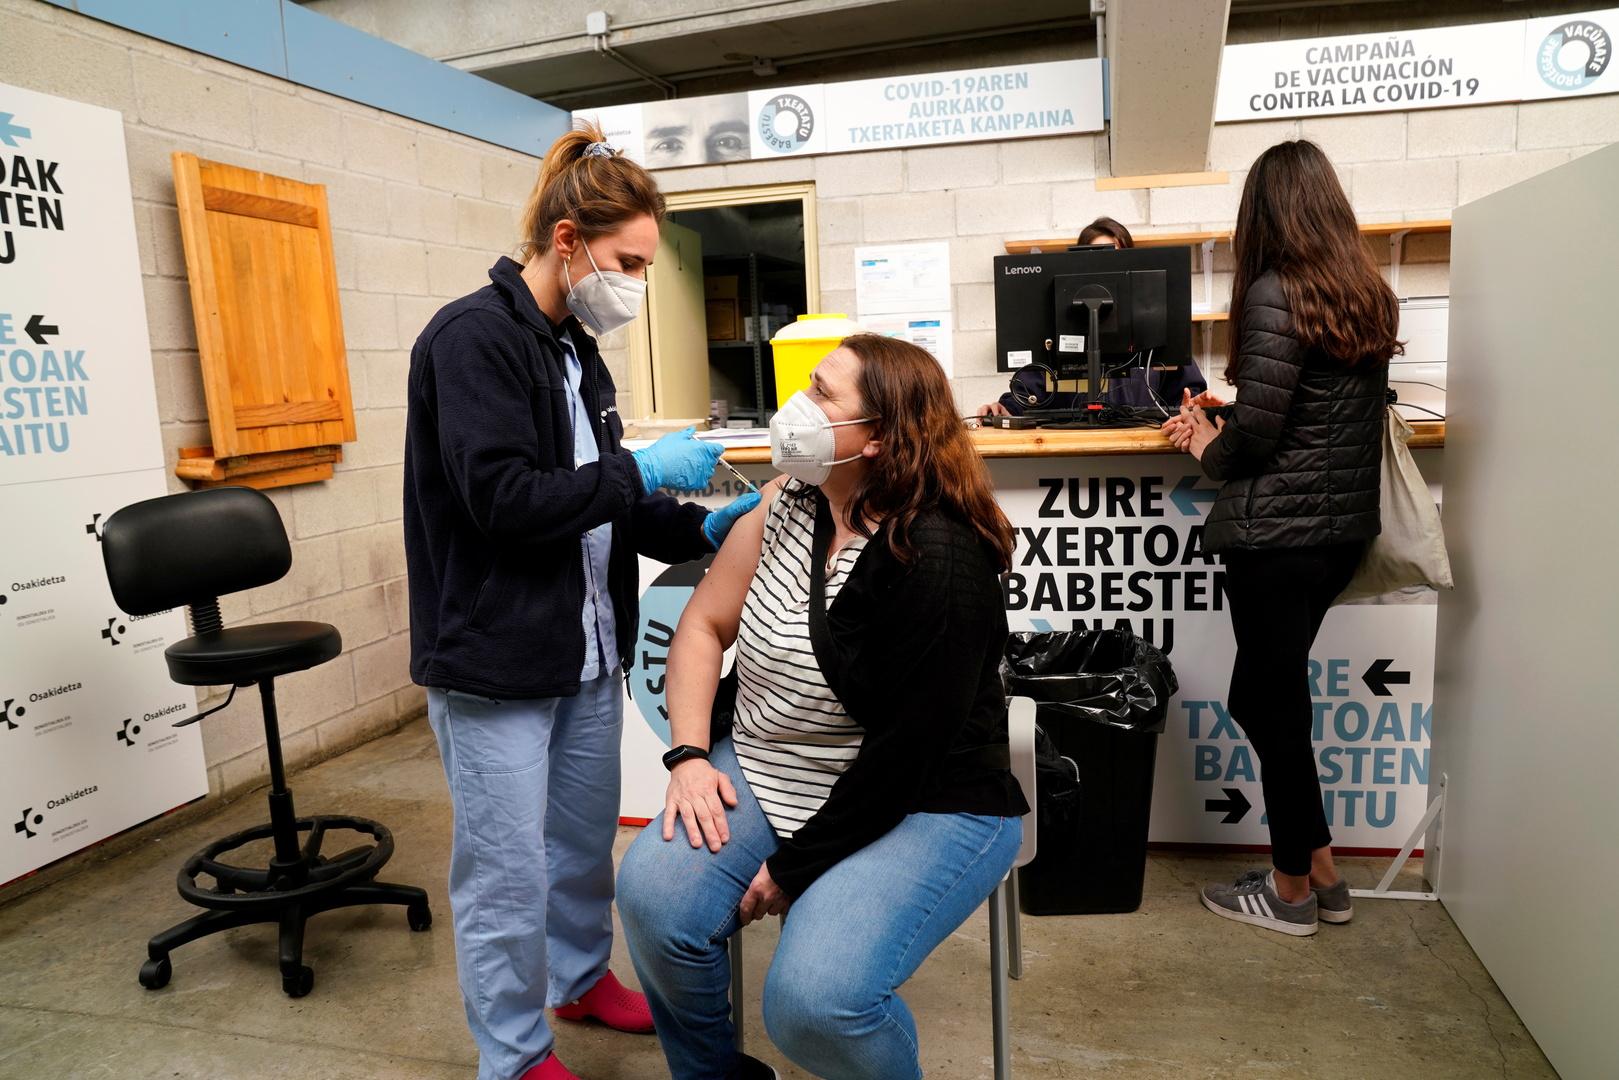 التطعيم ضد فيروس كورونا في إسبانيا